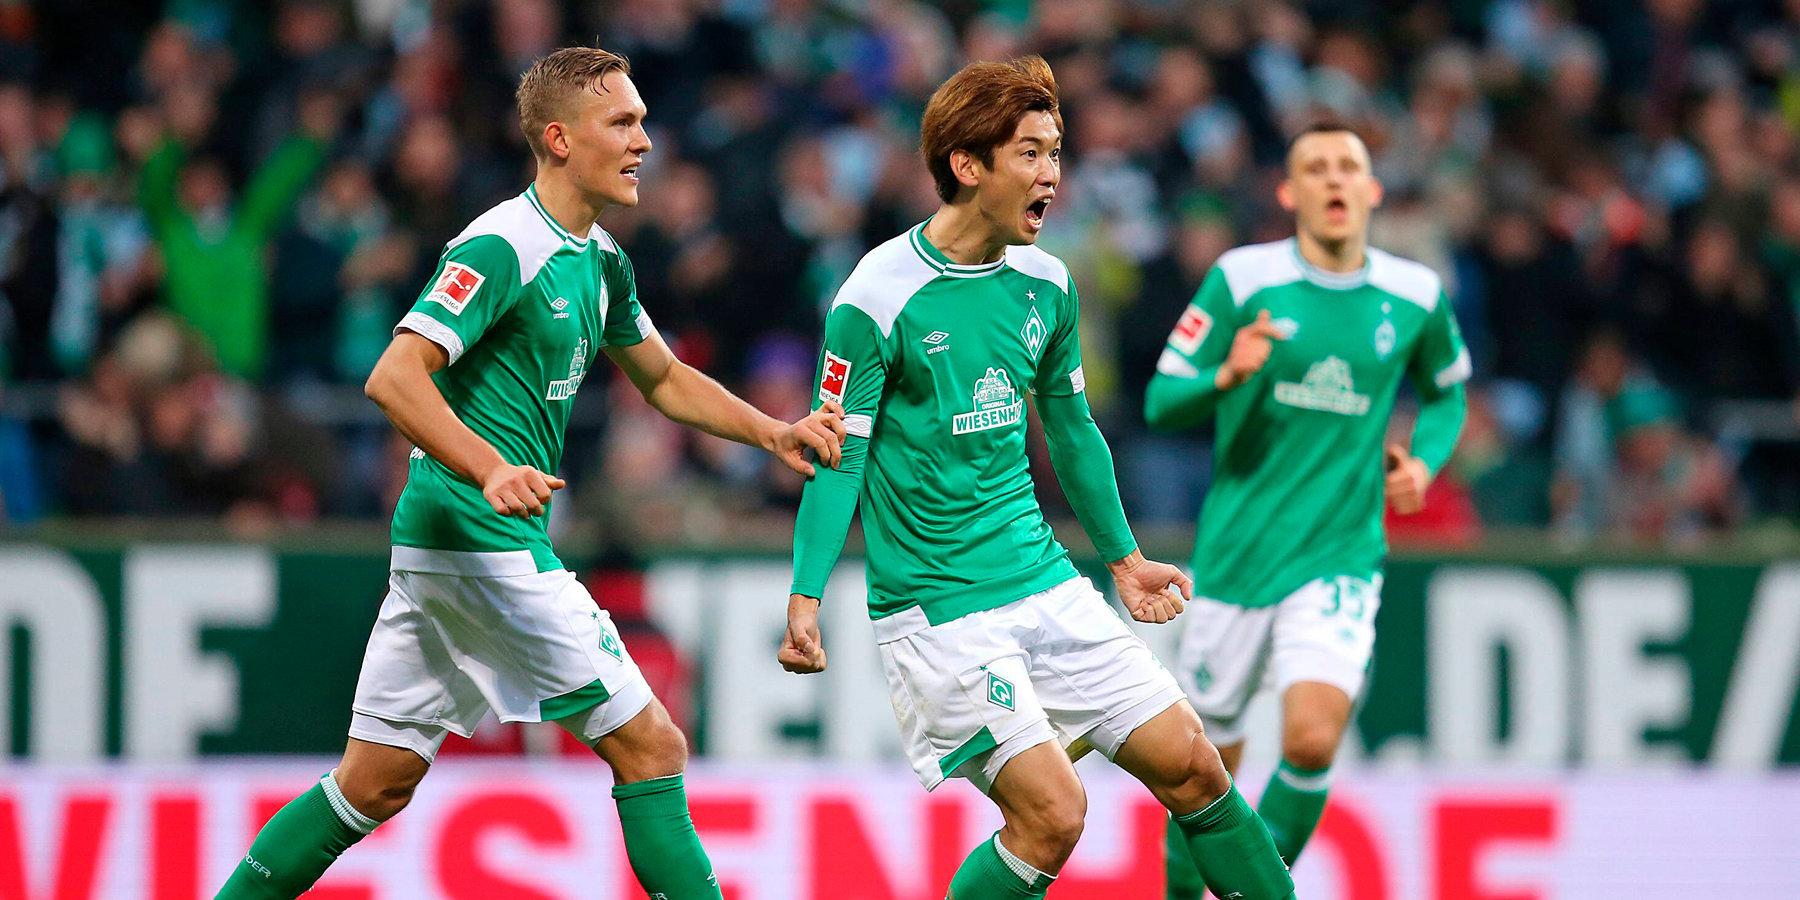 Футбол аугсбург вердер бремен